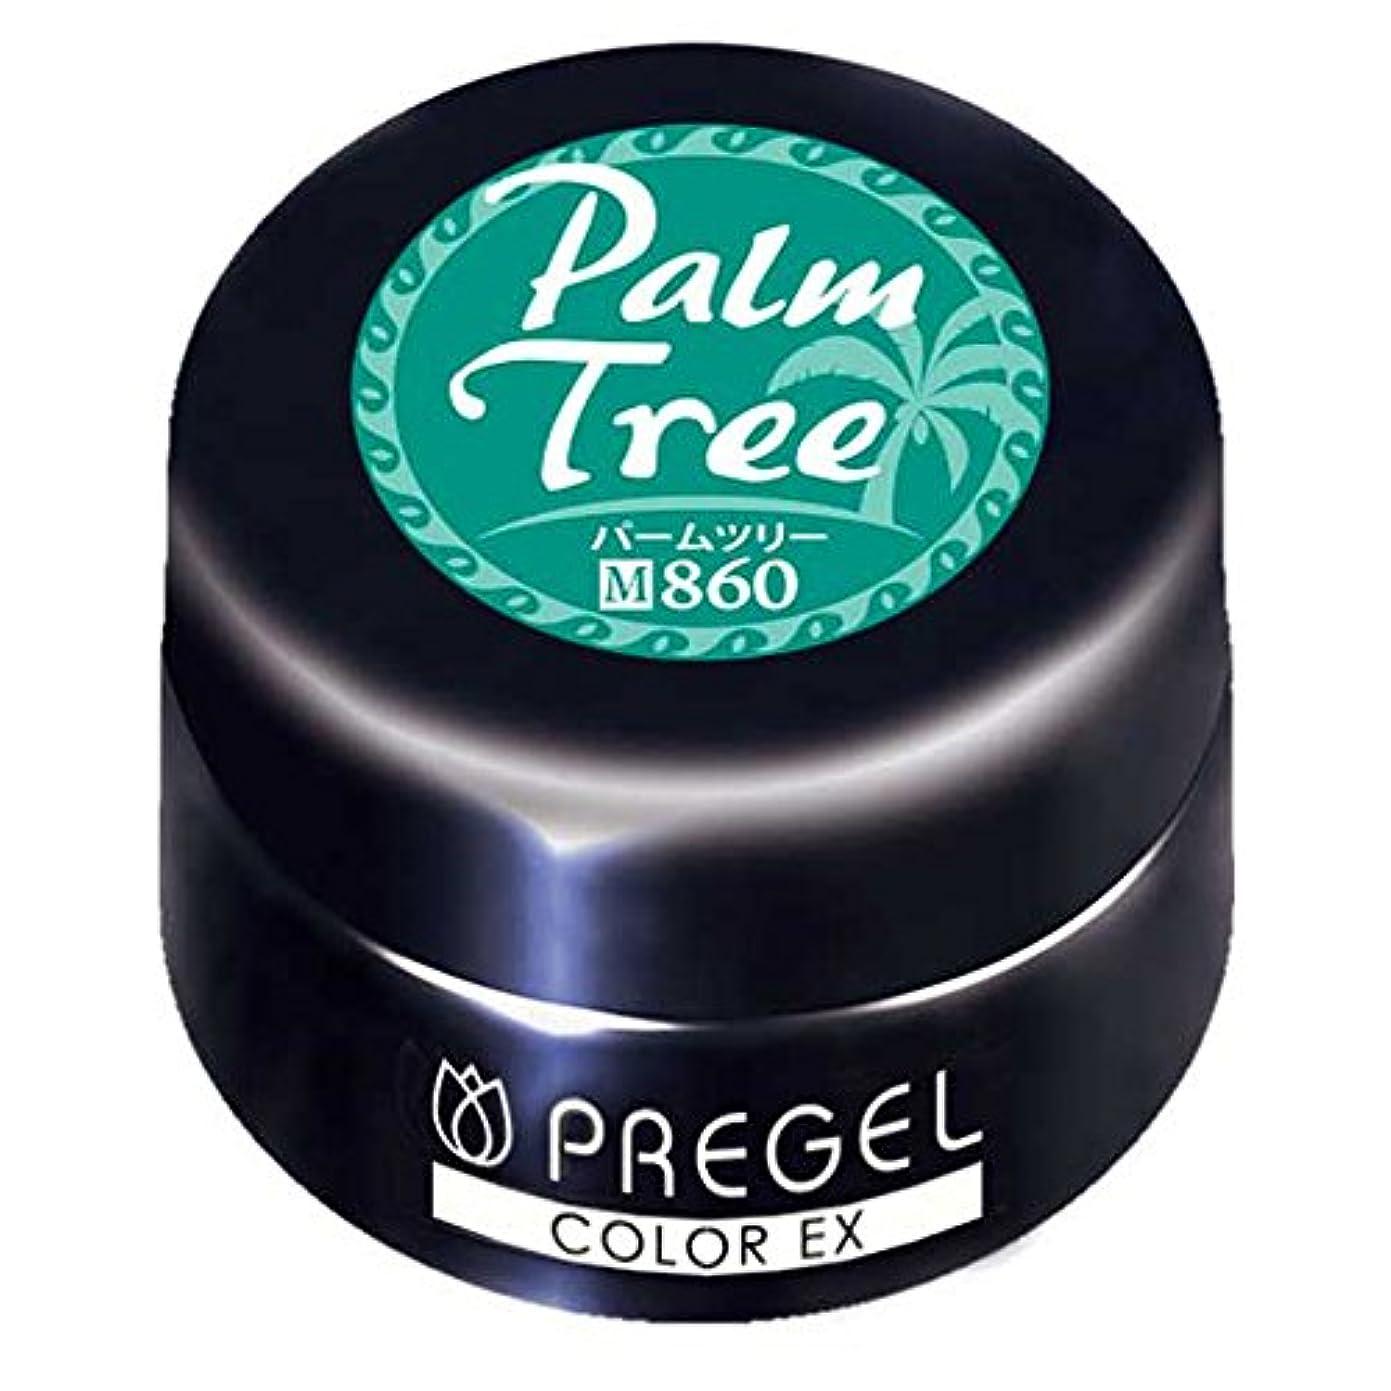 祈り三角形昼間PRE GEL カラーEX パームツリー 860 3g UV/LED対応